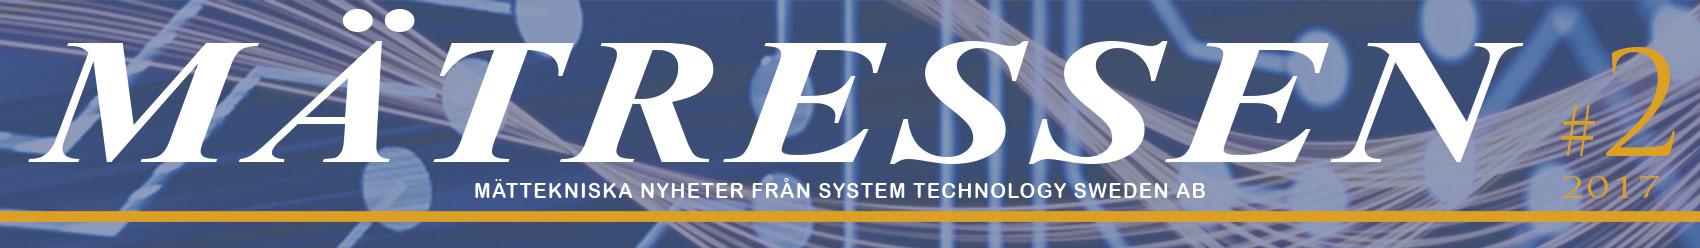 System Technologys kundtidning - Mätressen